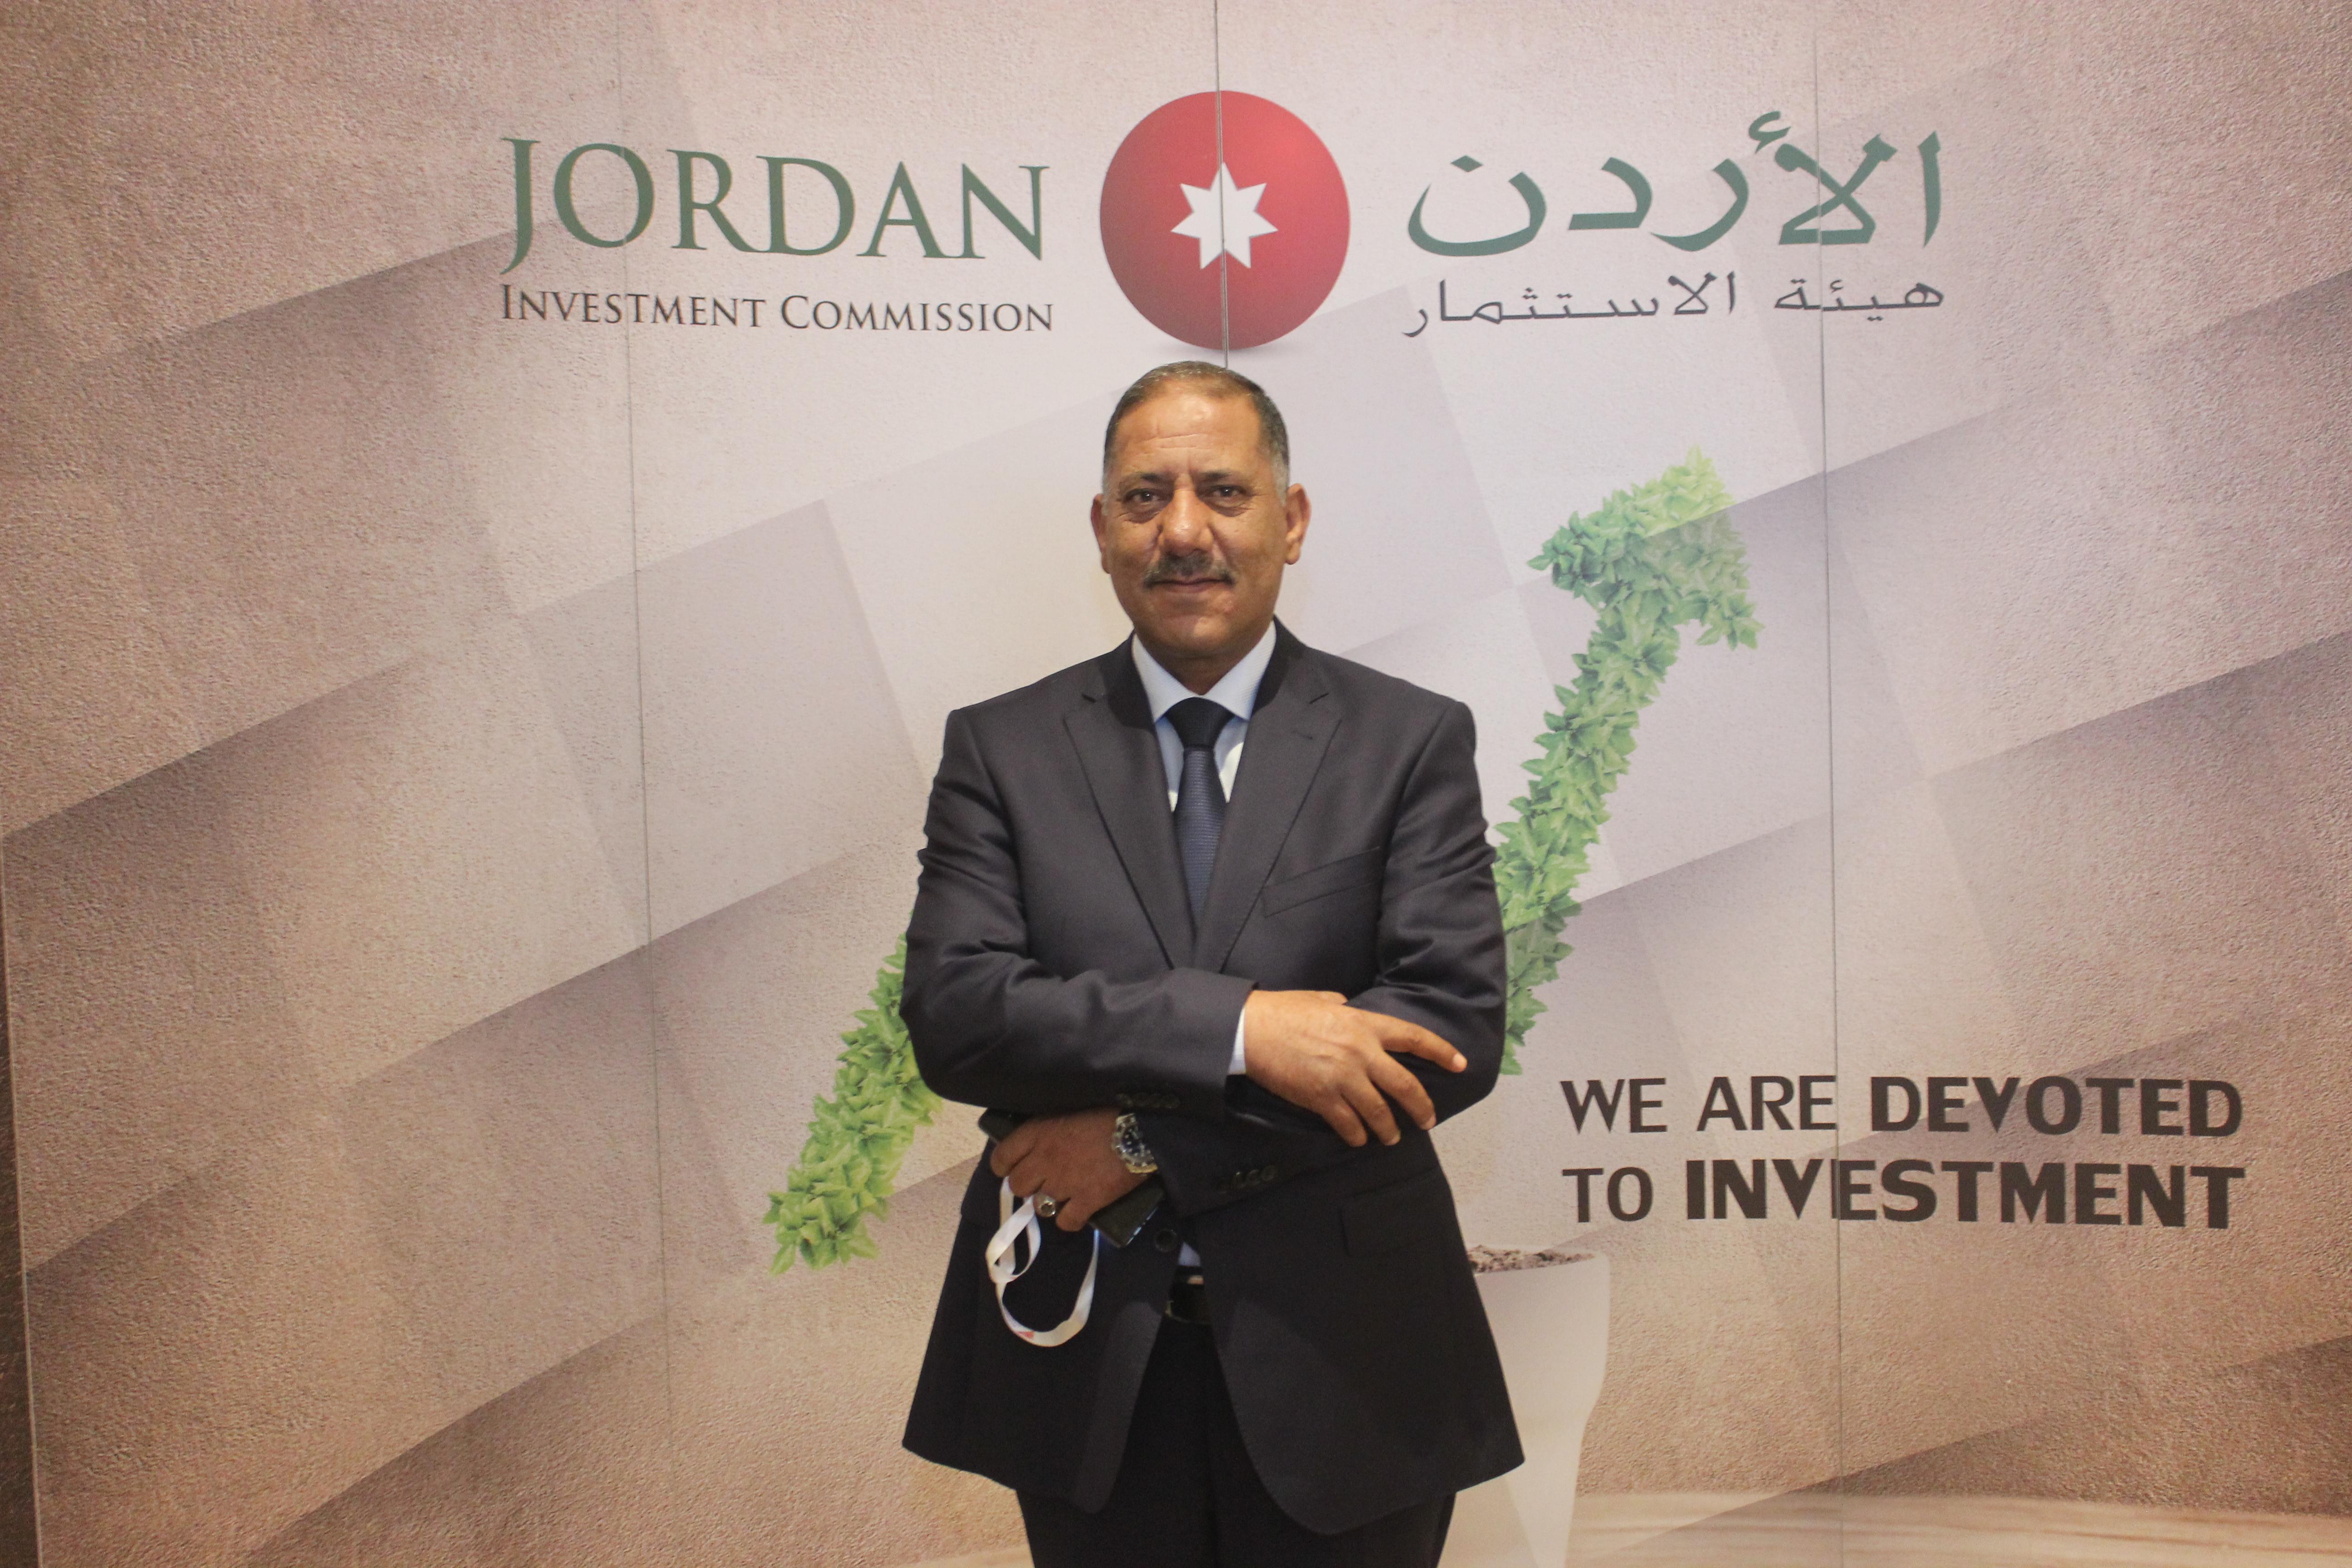 عمر جويعد… مشاريع راسمالية بقيمة 60 مليون دينار تنفذها شركة المدن الصناعية الاردنية